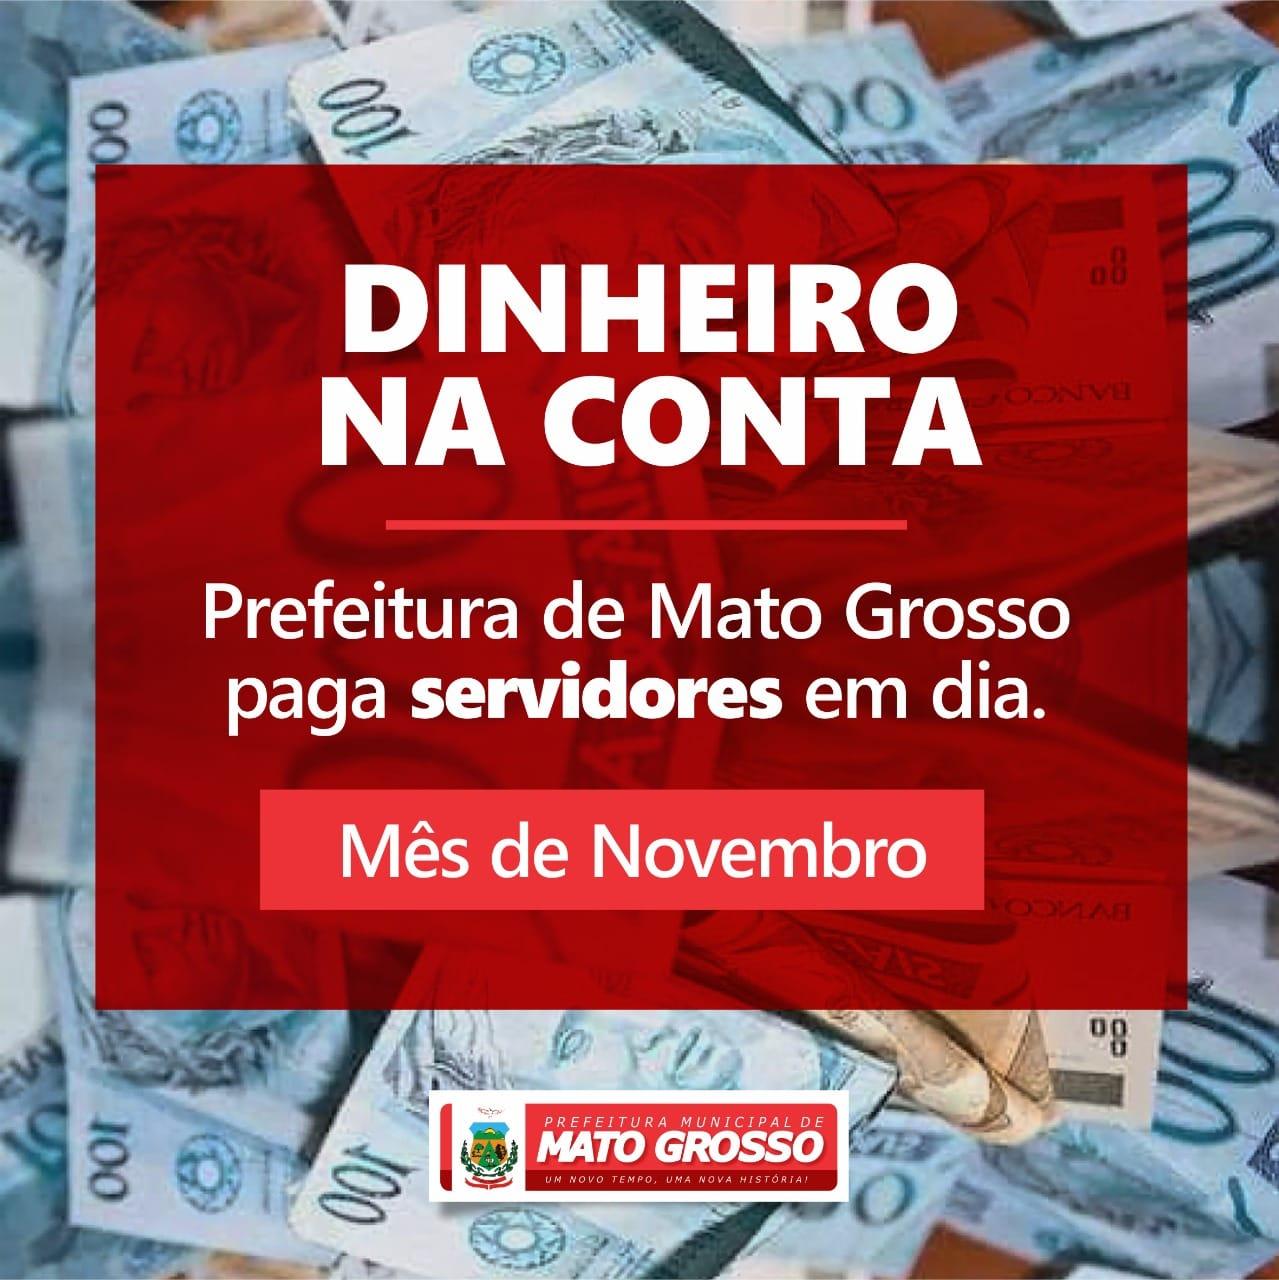 Prefeitura de Mato Grosso paga salário dos servidores nesta segunda